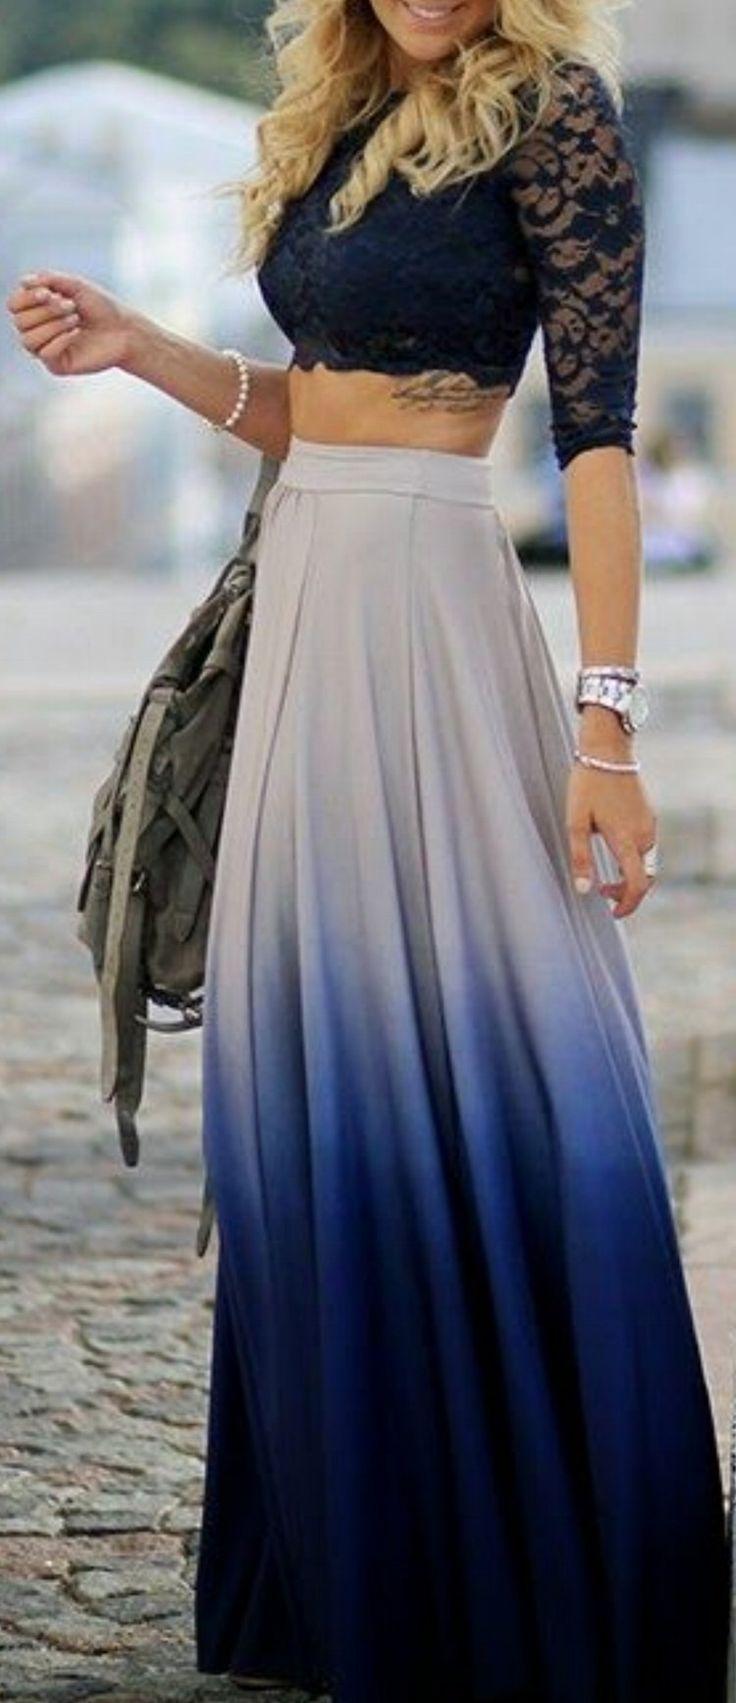 красивая карандаш длинные юбки платья фото квартиру горках